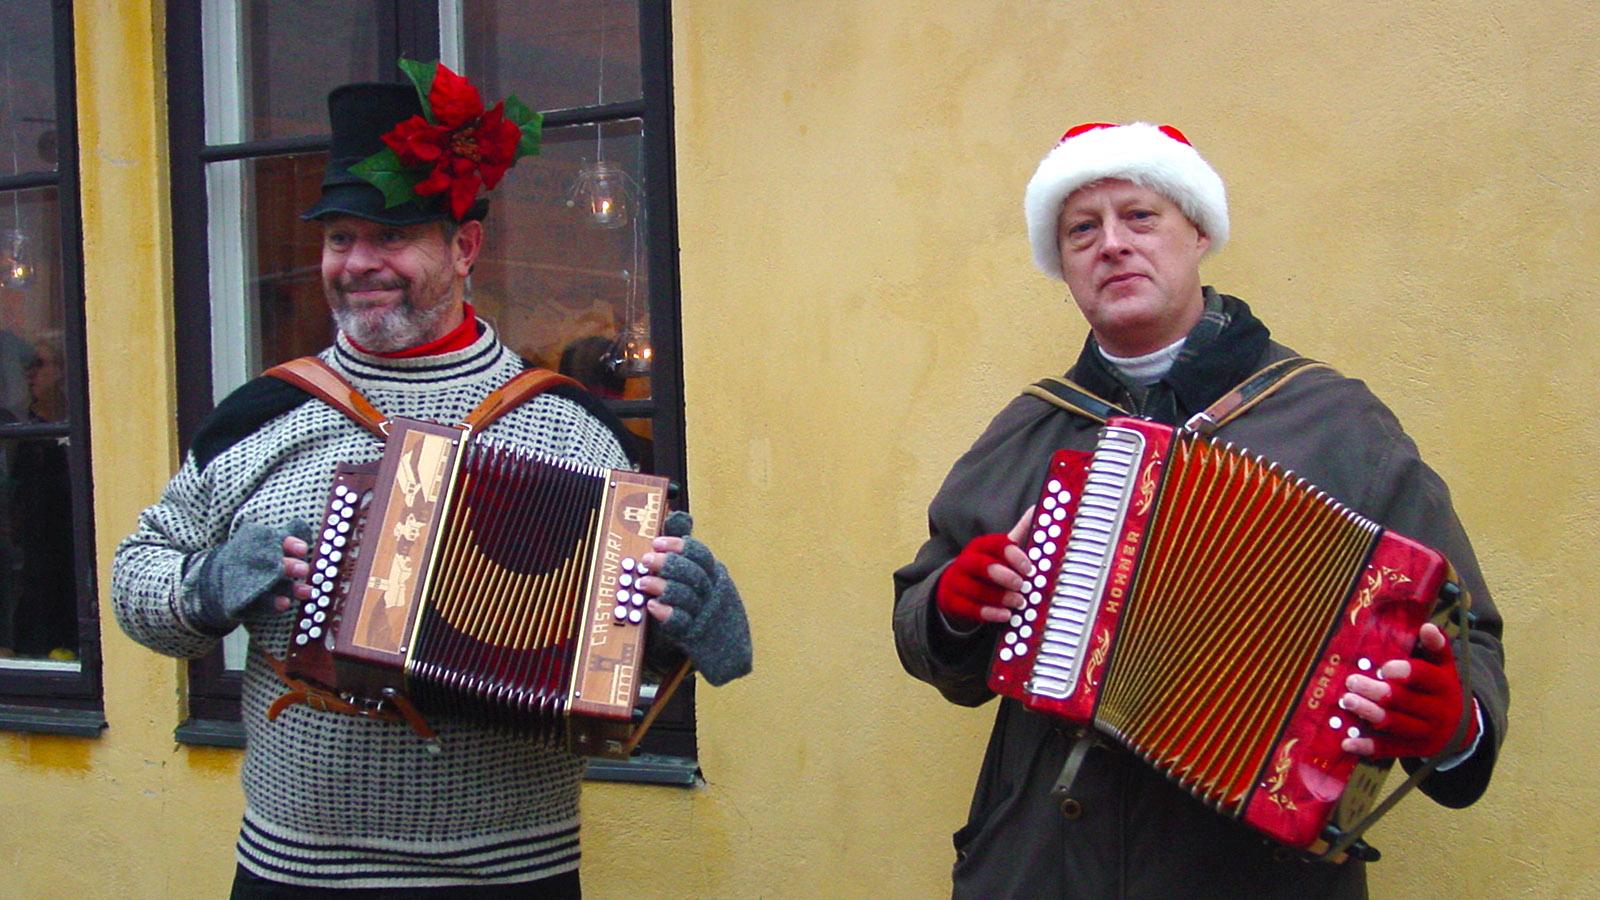 Auch die Straßenmusiker kleiden sich weihnachtlich zur Juletid am Öresund. Foto: Hilke Maunder